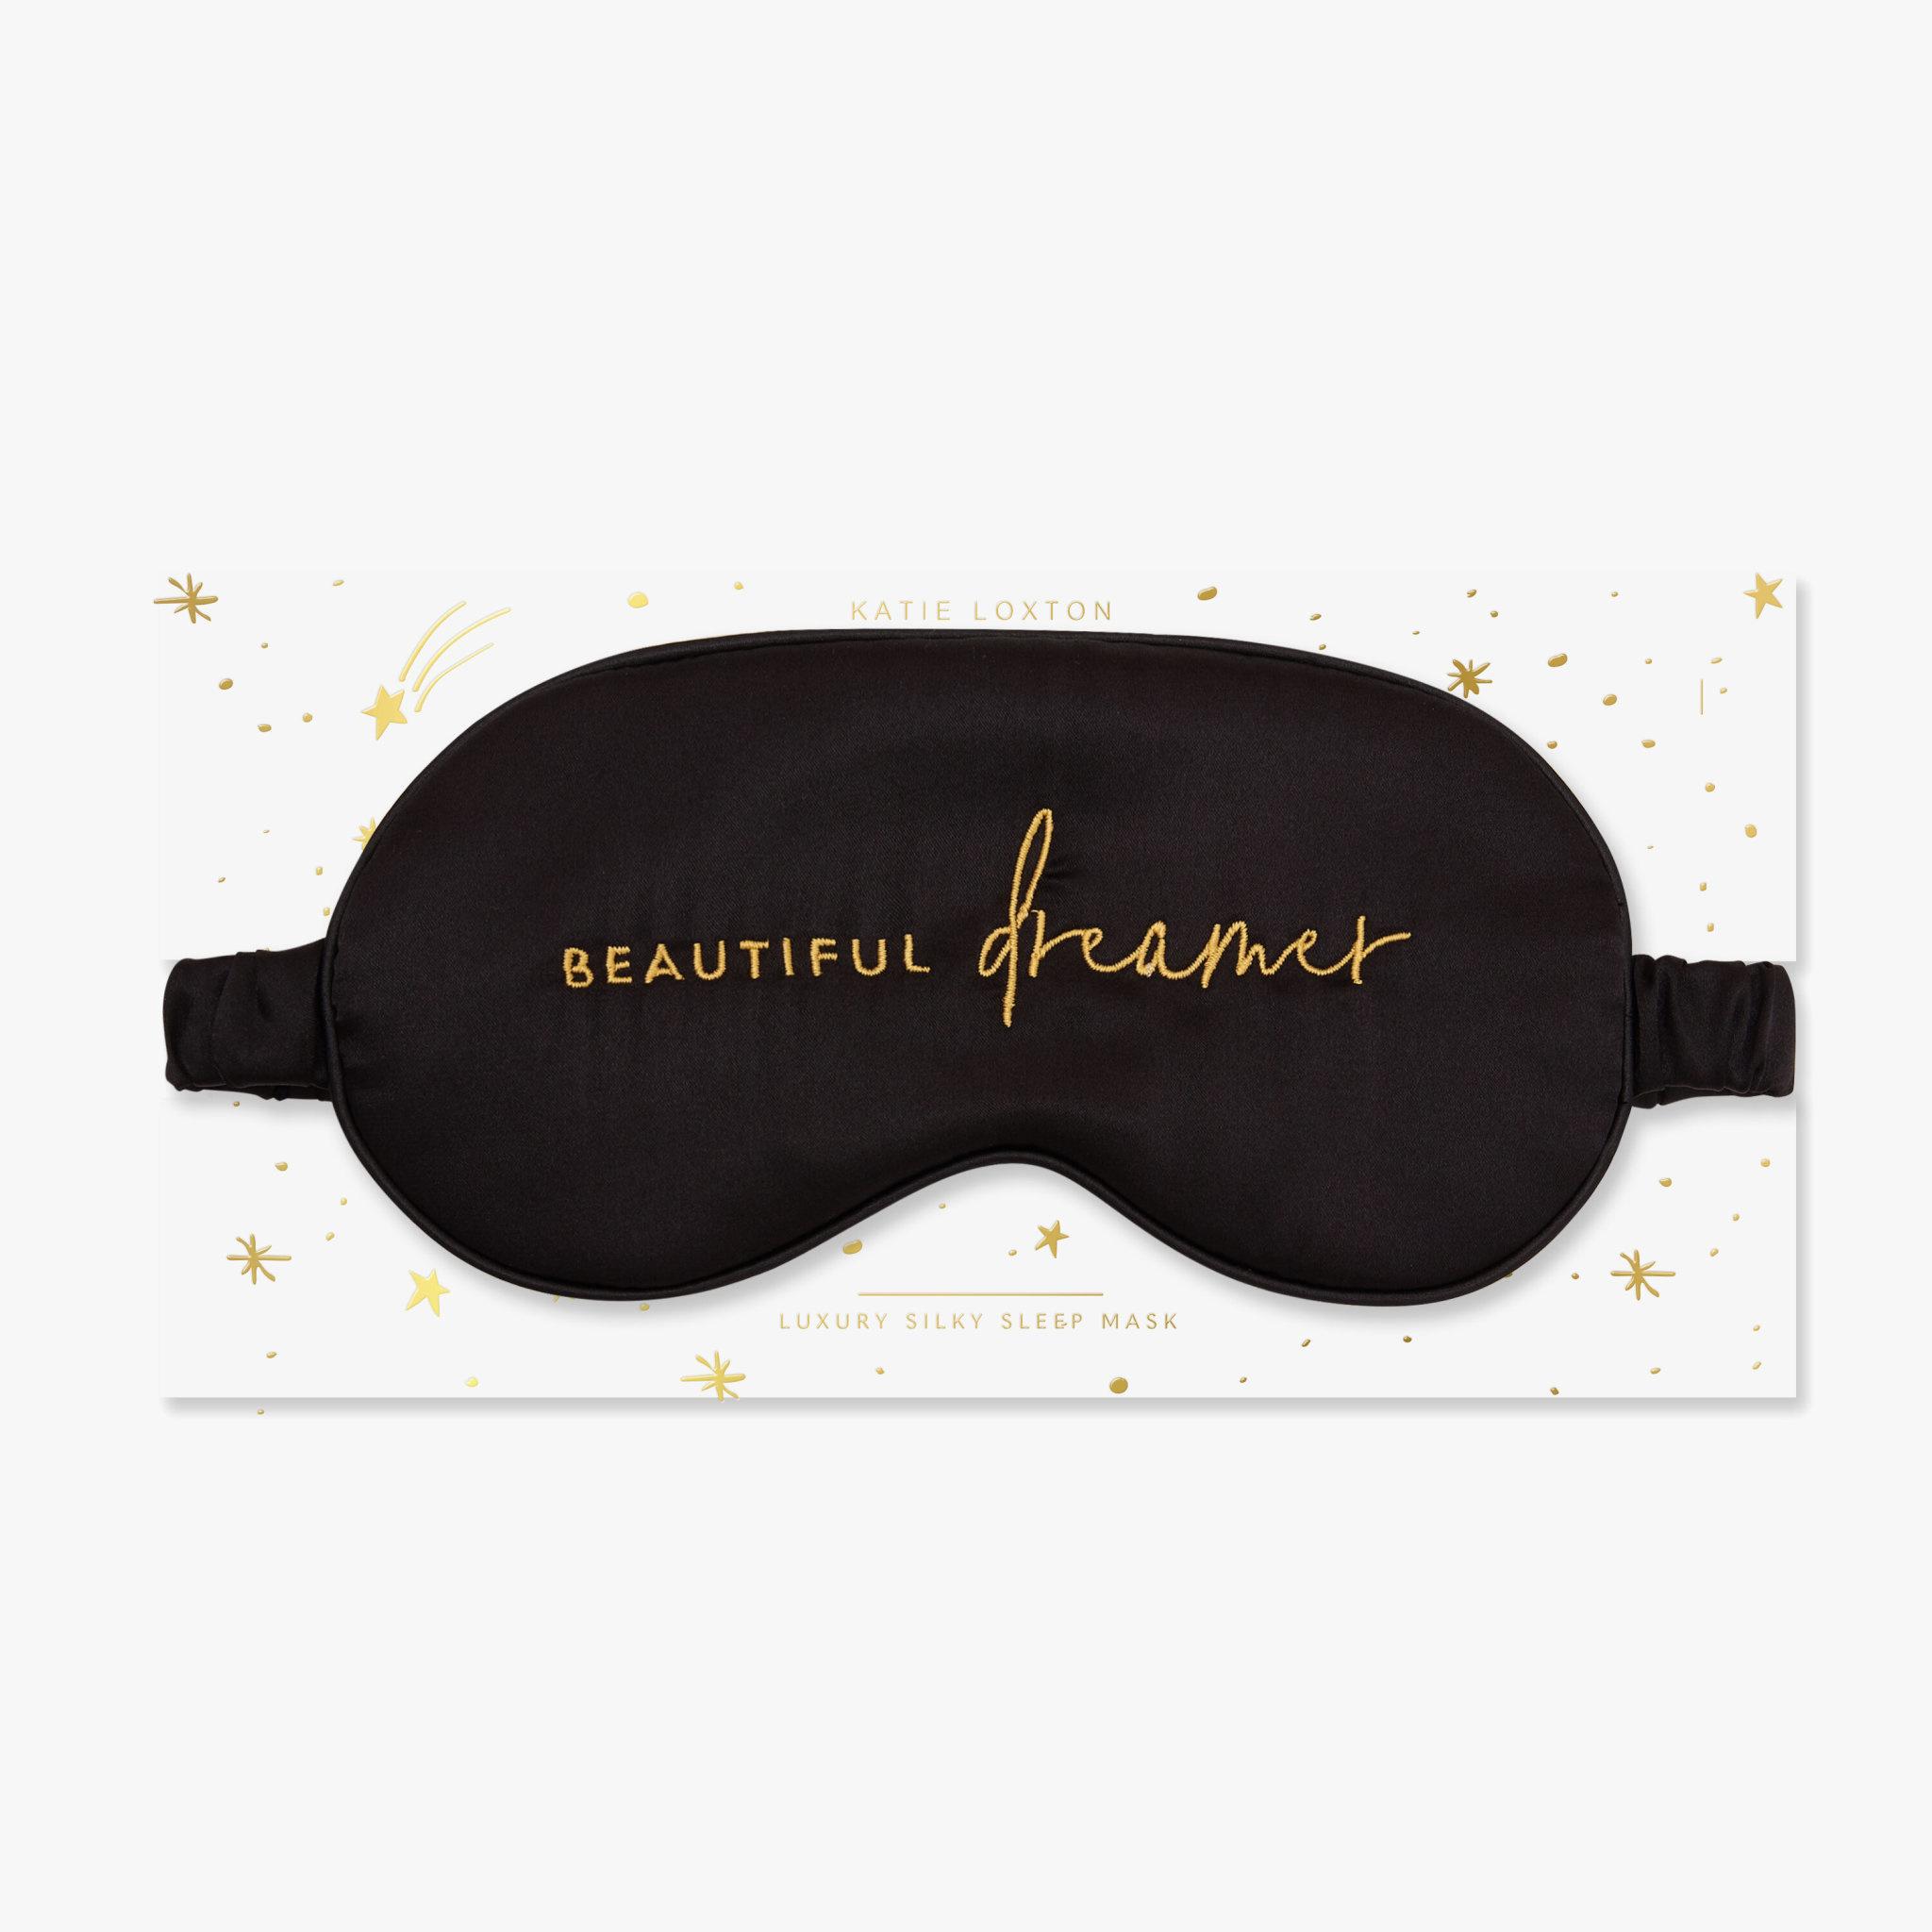 Katie Loxton Katie Loxton Satin eye mask - Beautiful dreamer - Black 11 x 21.5 cm